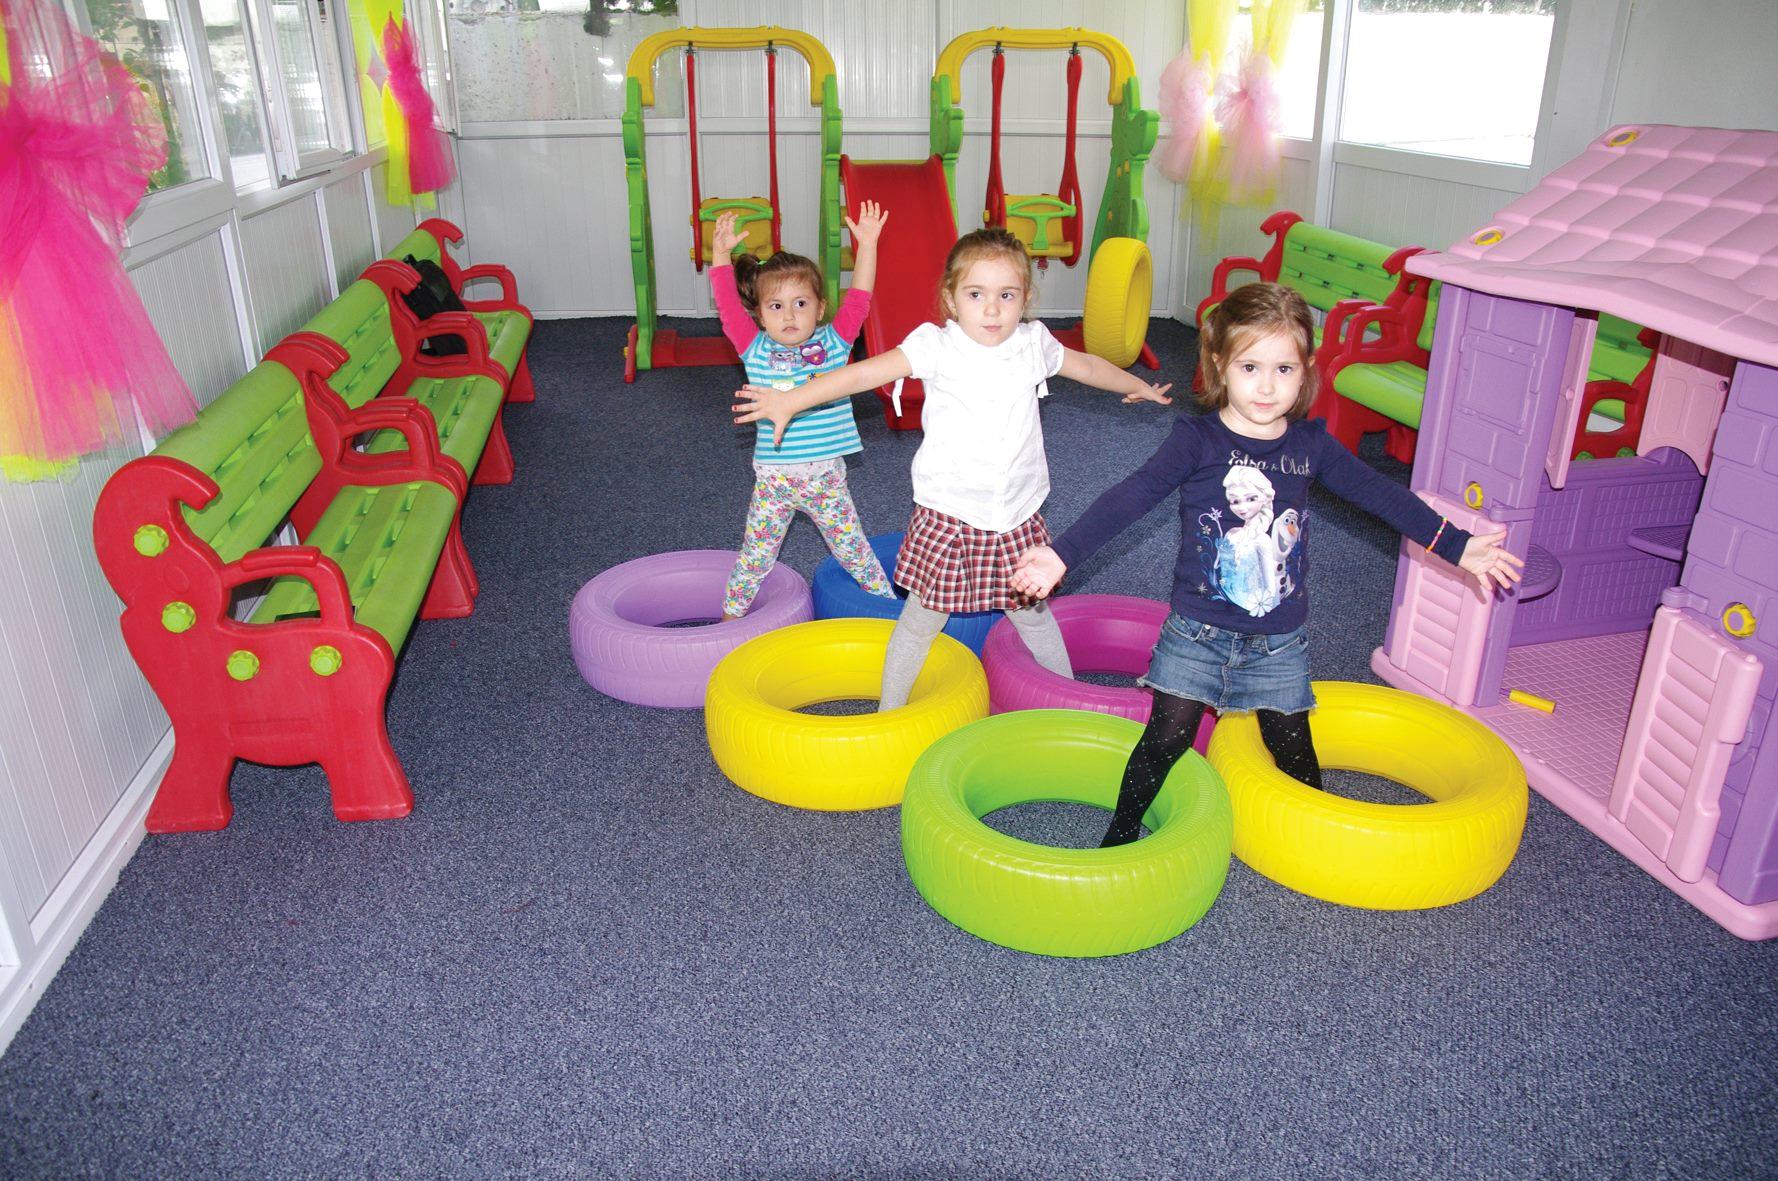 ענק צמיגים צבעוניים | ציוד לגני ילדים | גל גן XC-57